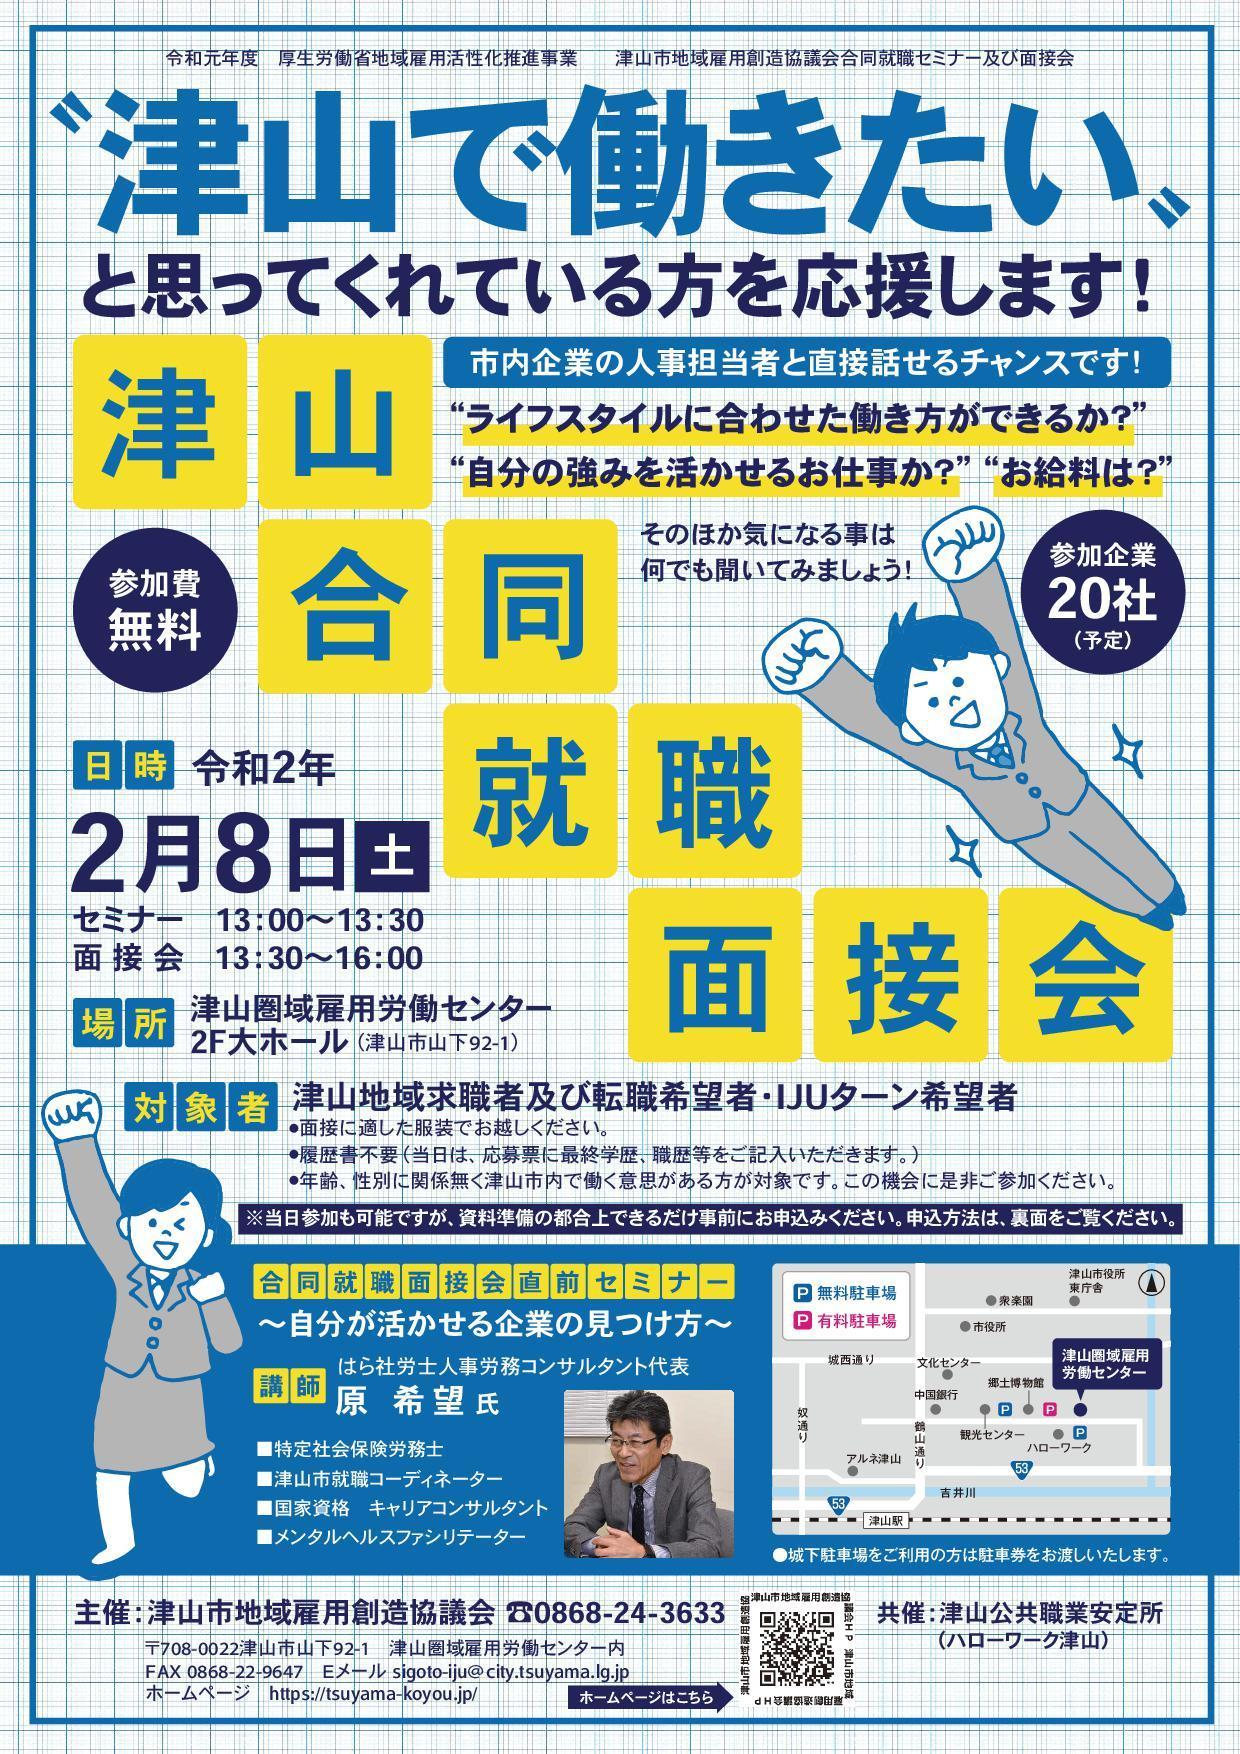 2020年2月8日 (土)開催 津山合同就職面接会 参加者募集のお知らせ